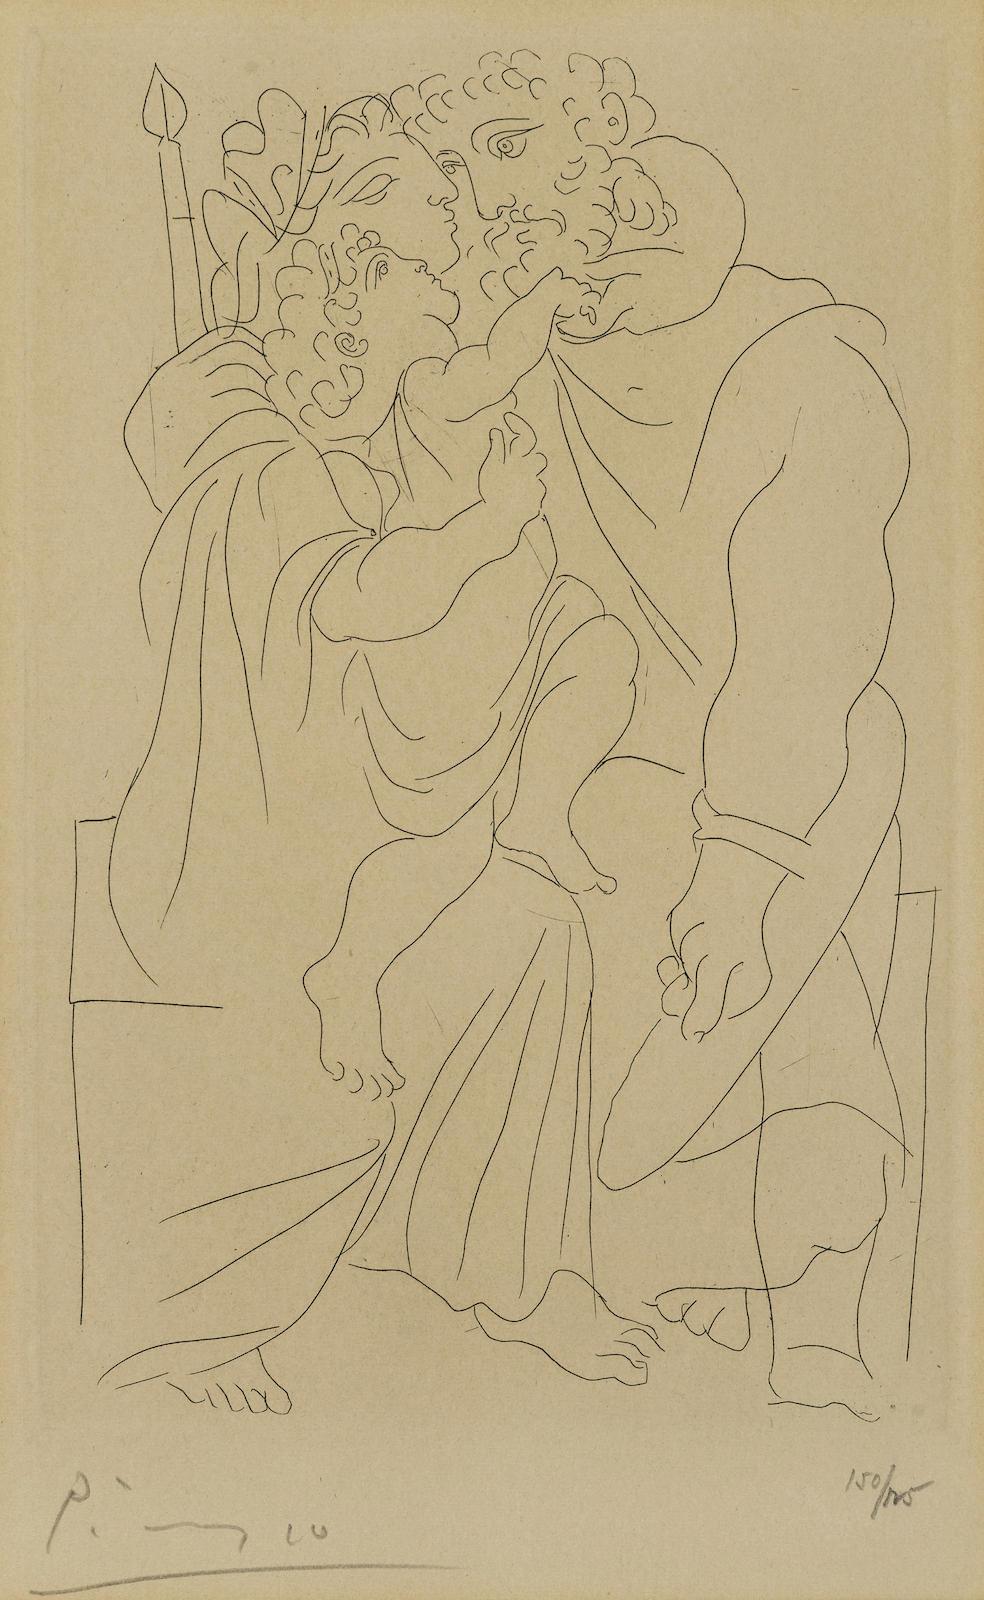 Pablo Picasso-Couple et Enfant, pl. 1, from Lysistrata (B. 268; Ba. 388; C. bk. 24)-1934